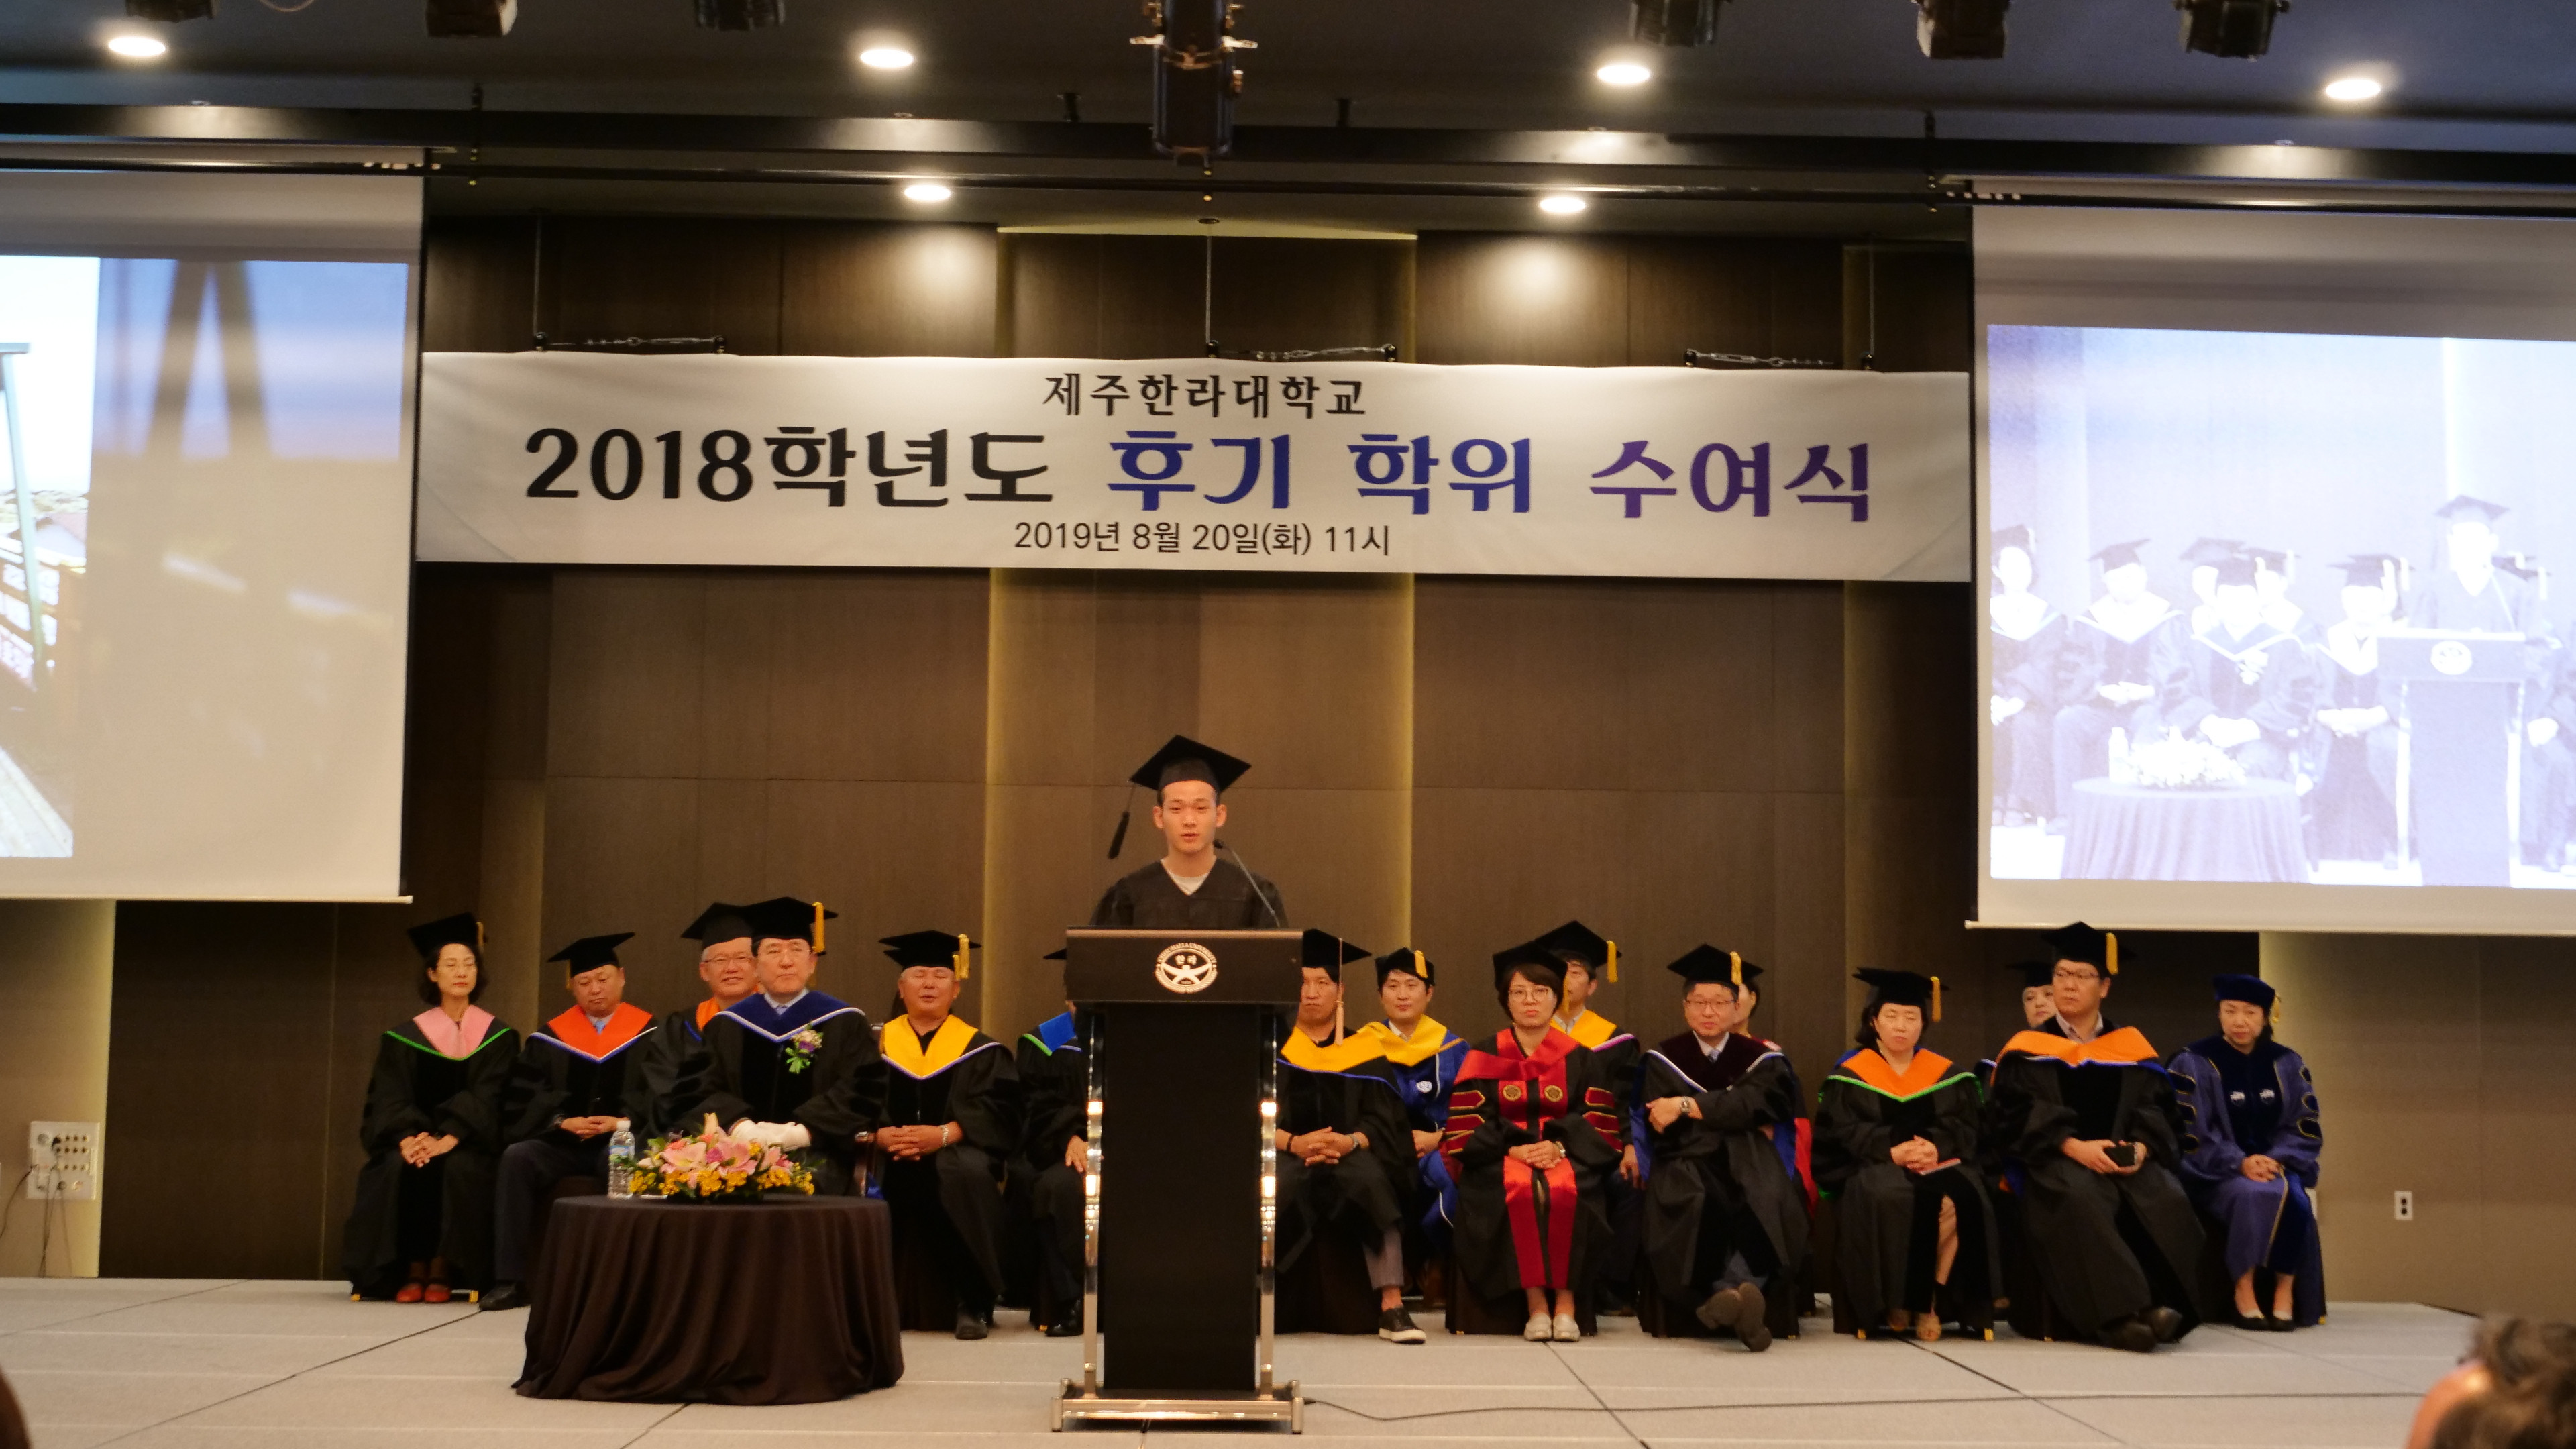 제주한라대학교 2018학년도 후기 학위수여식 개최1